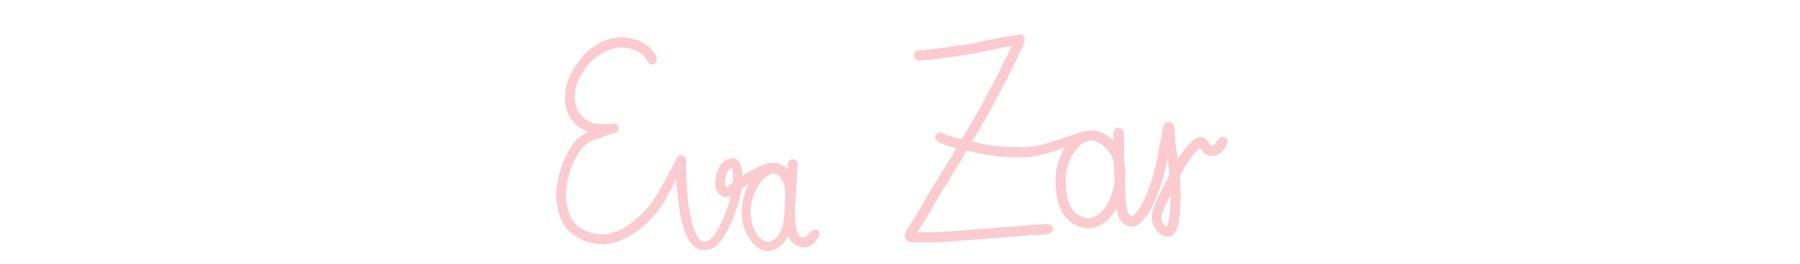 Shop Eva Zar